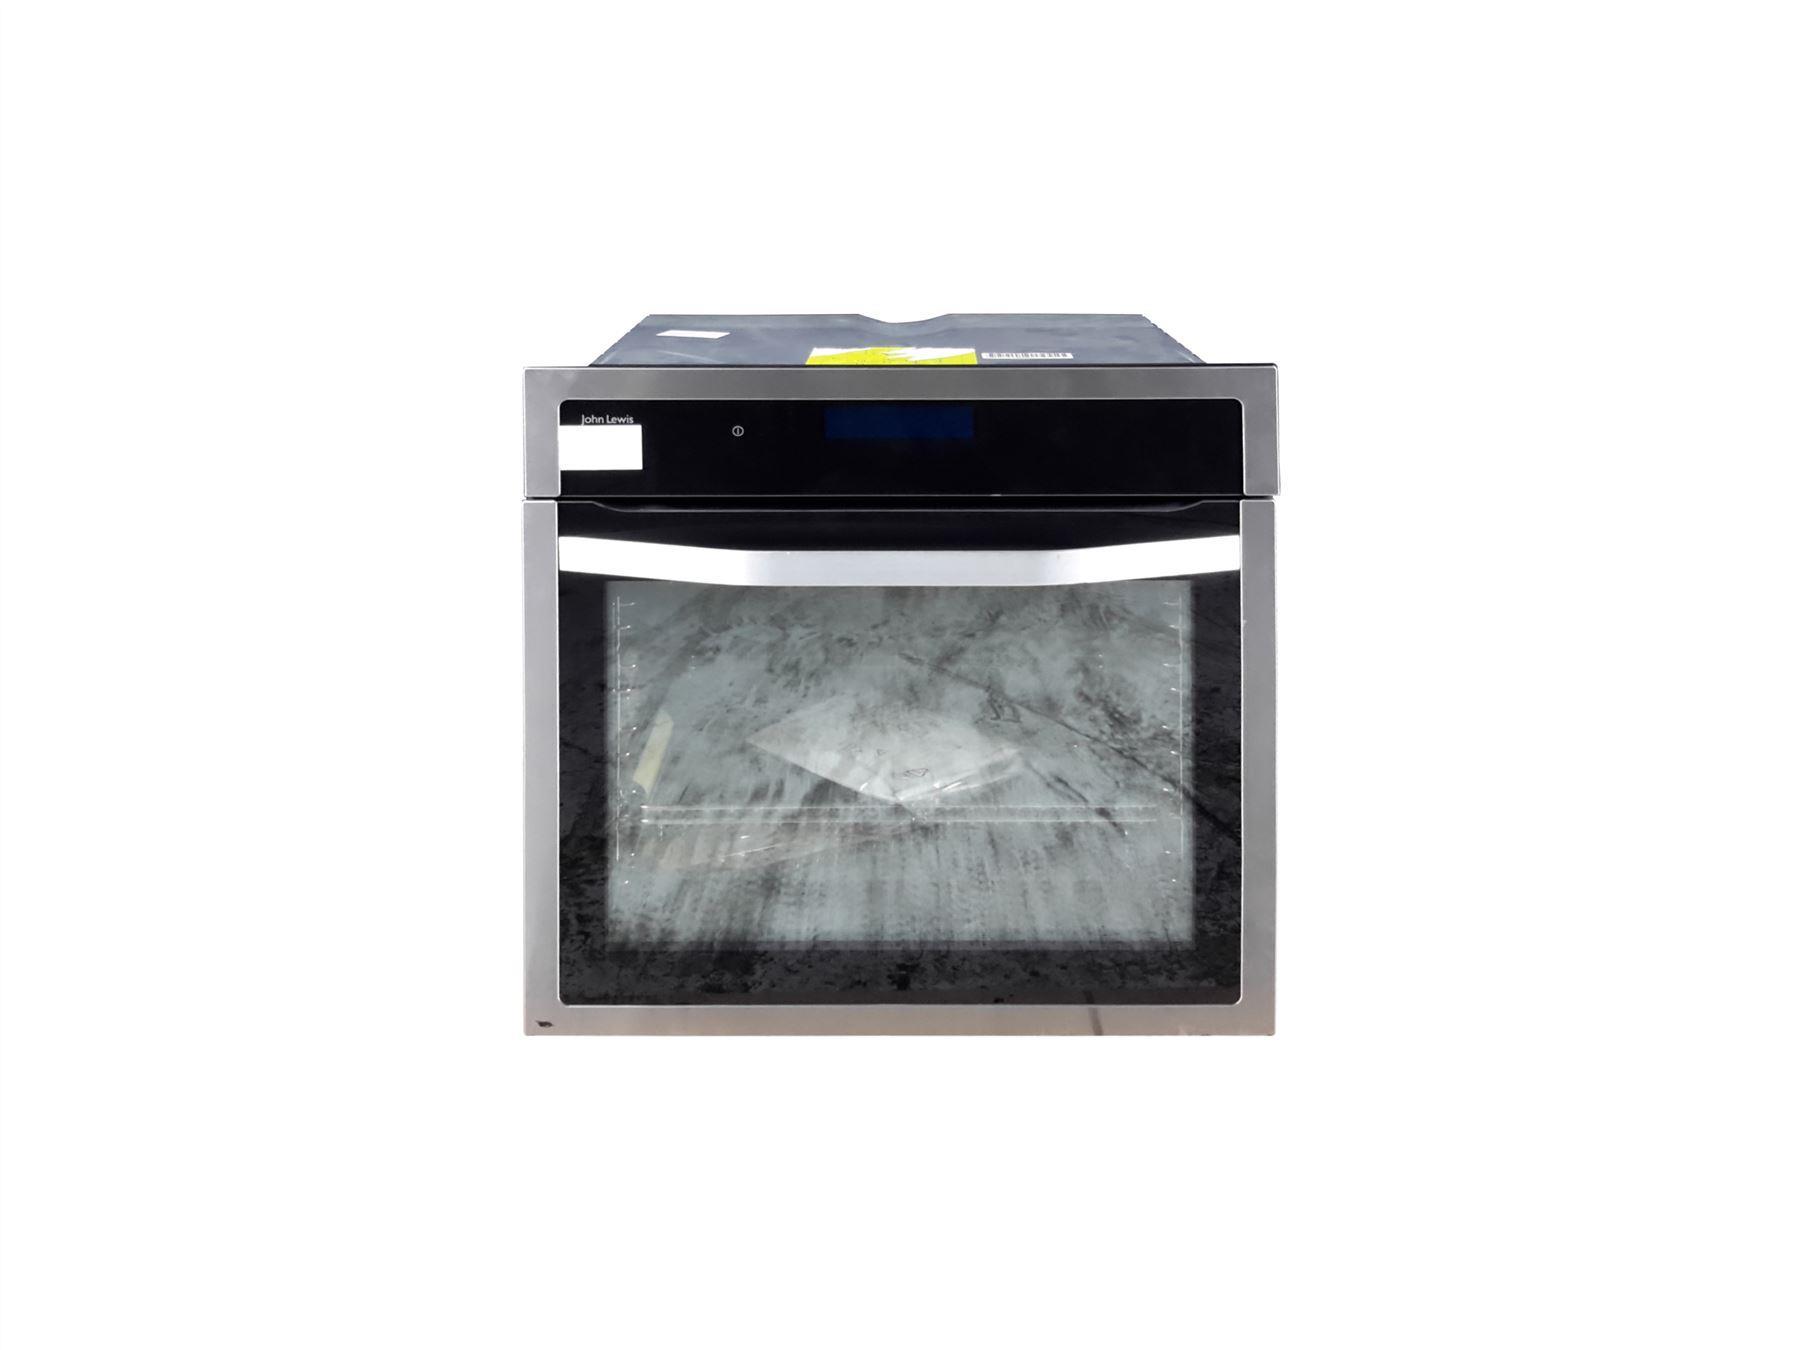 john lewis blf05 single oven black silver online store. Black Bedroom Furniture Sets. Home Design Ideas